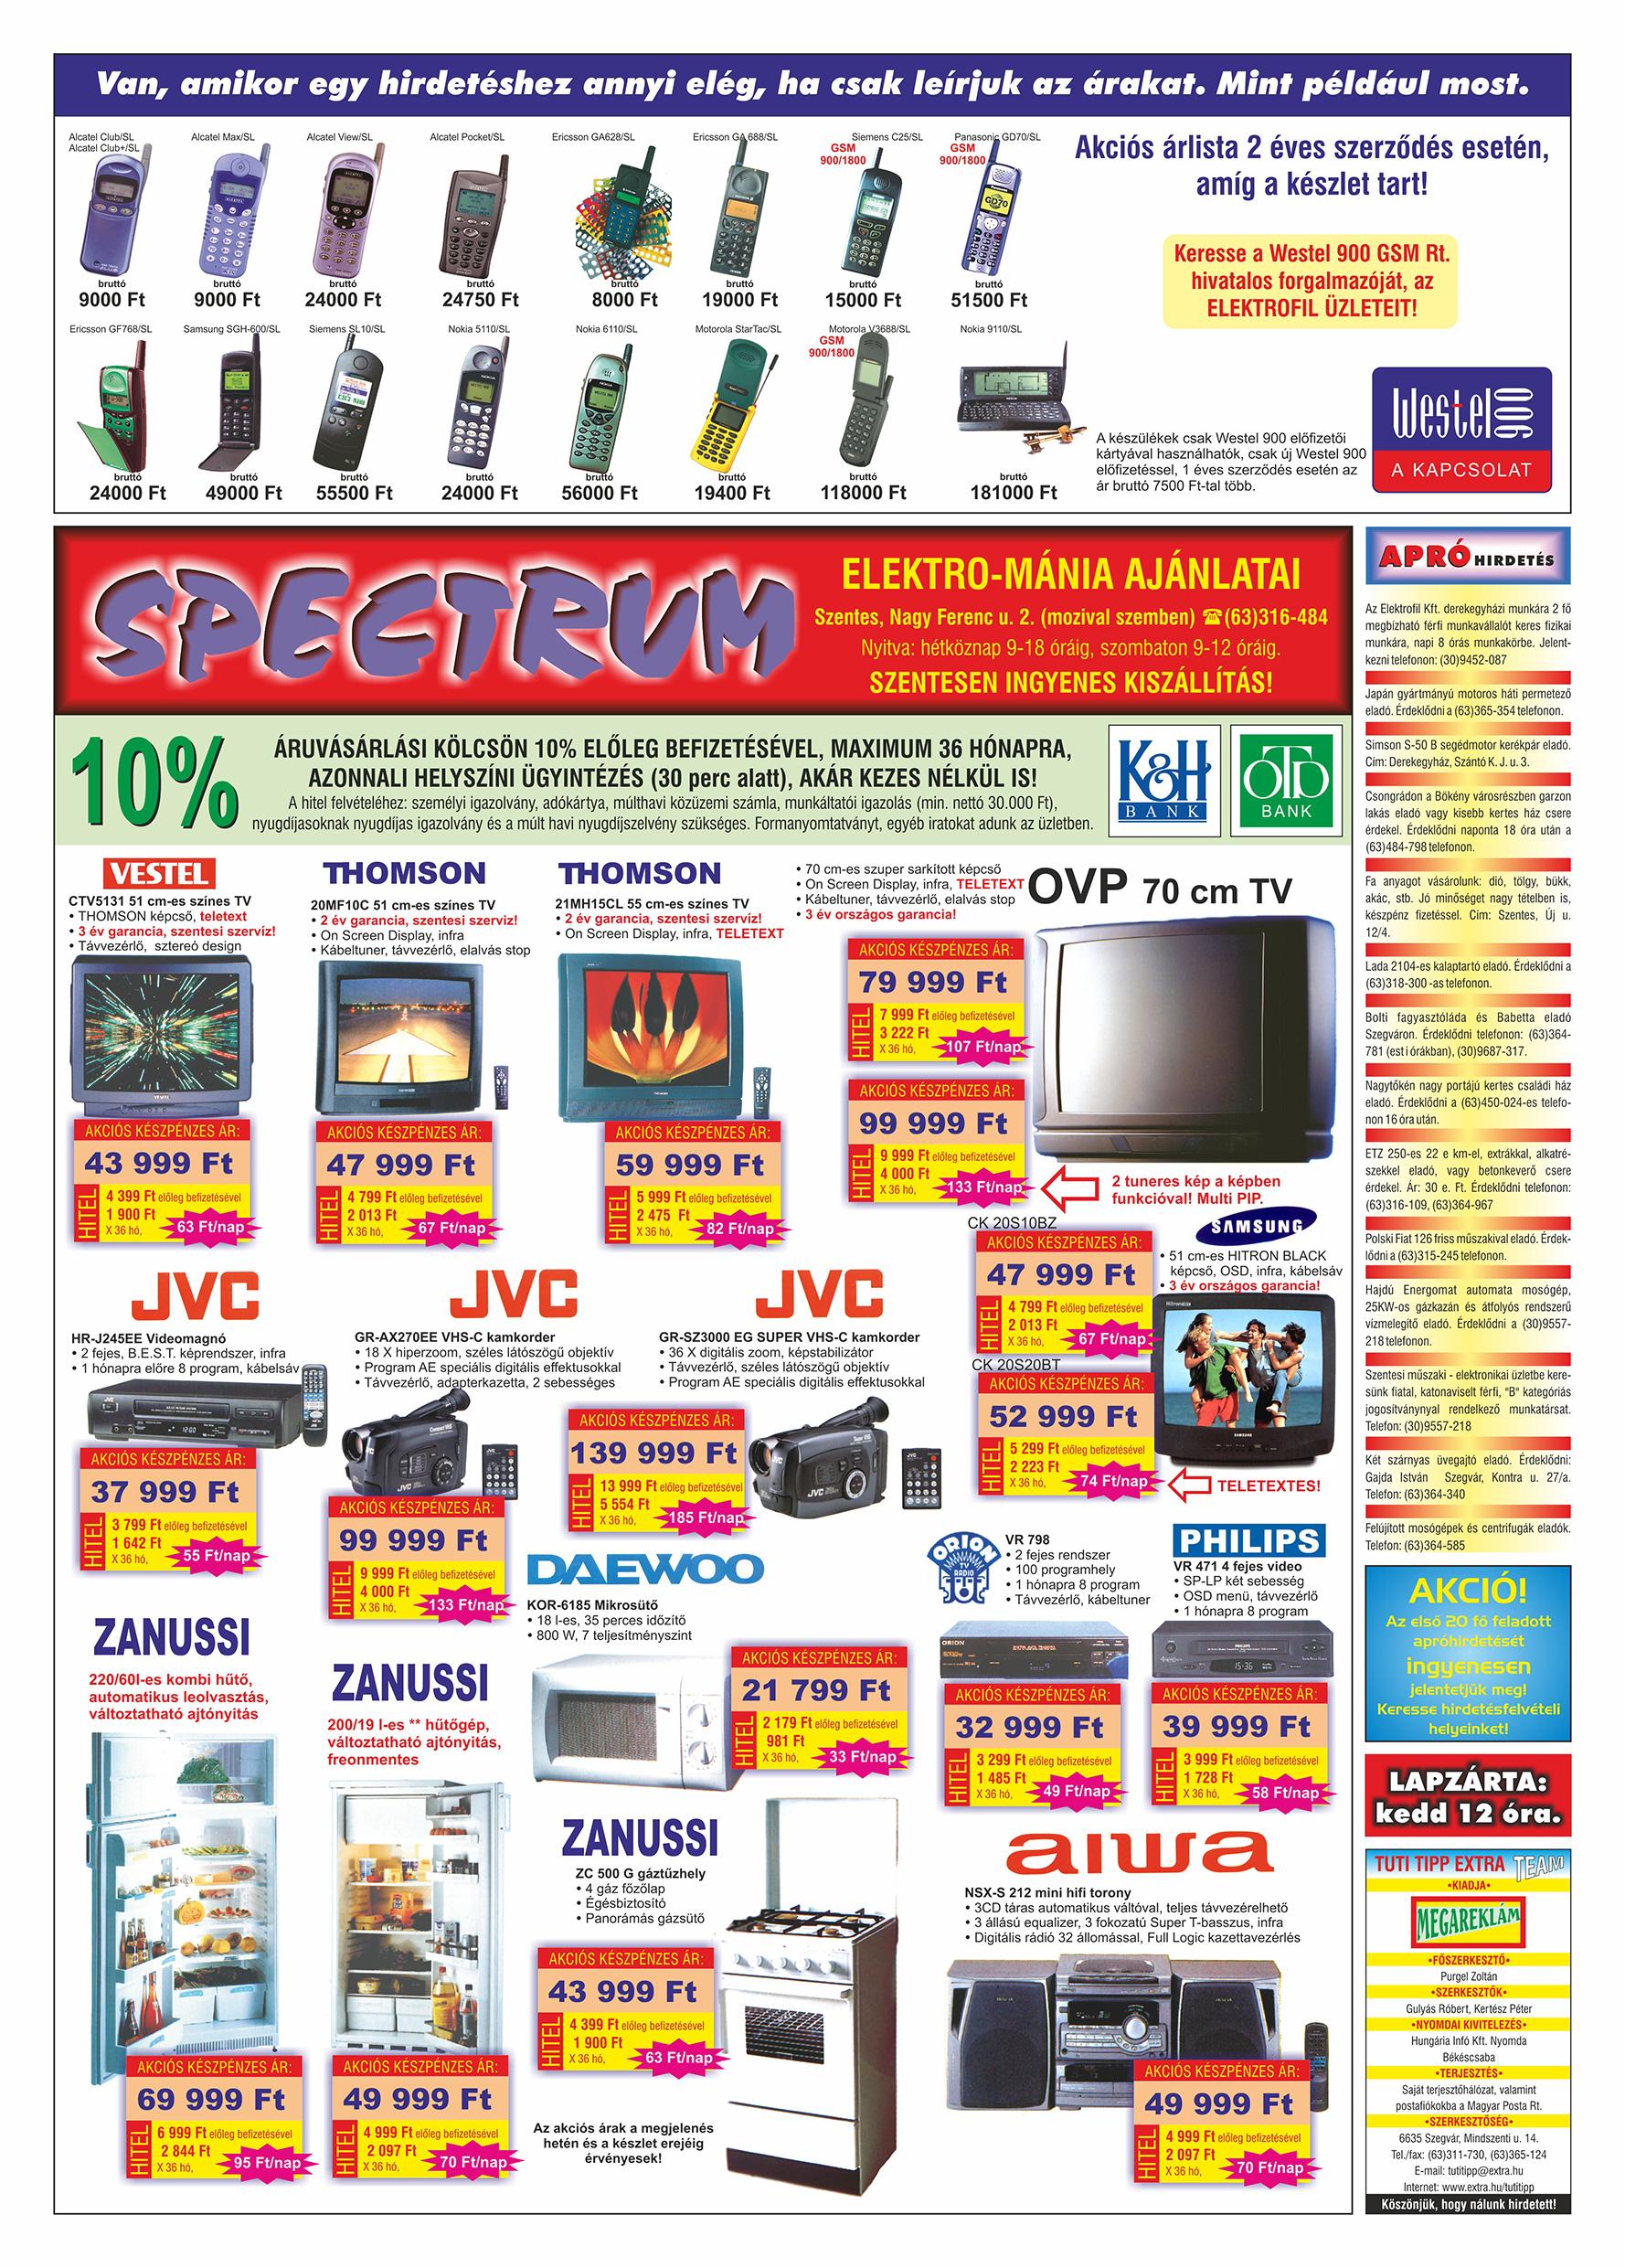 028 Tuti Tipp Extra reklámújság - 19990703-002. lapszám - 2.oldal - V. évfolyam.jpg